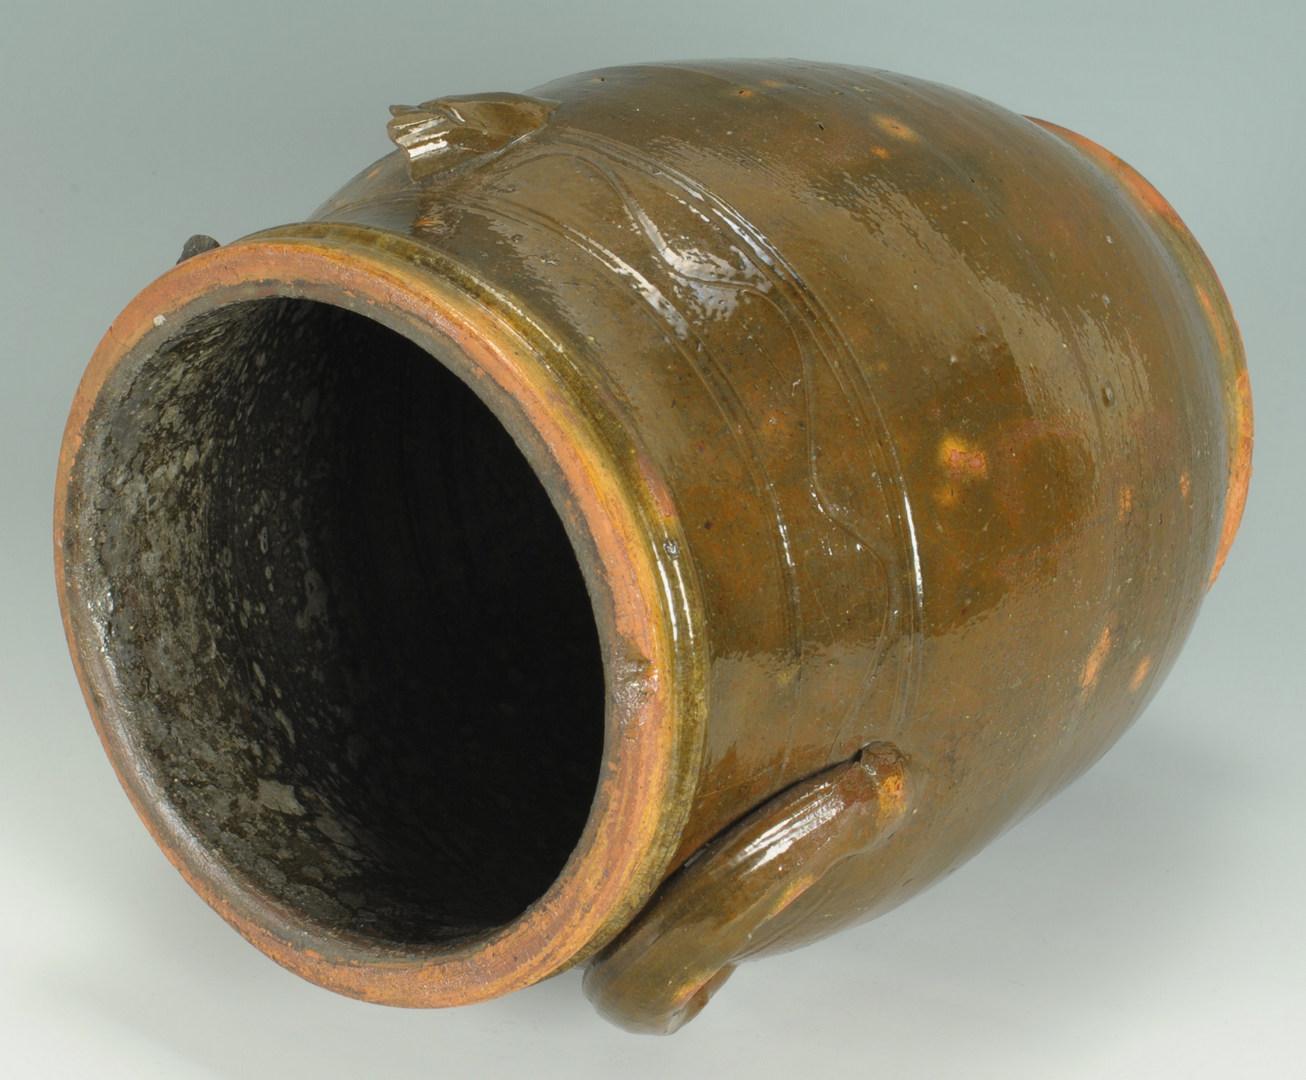 Lot 137: East TN Redware Pottery Jar, attrib. Cain